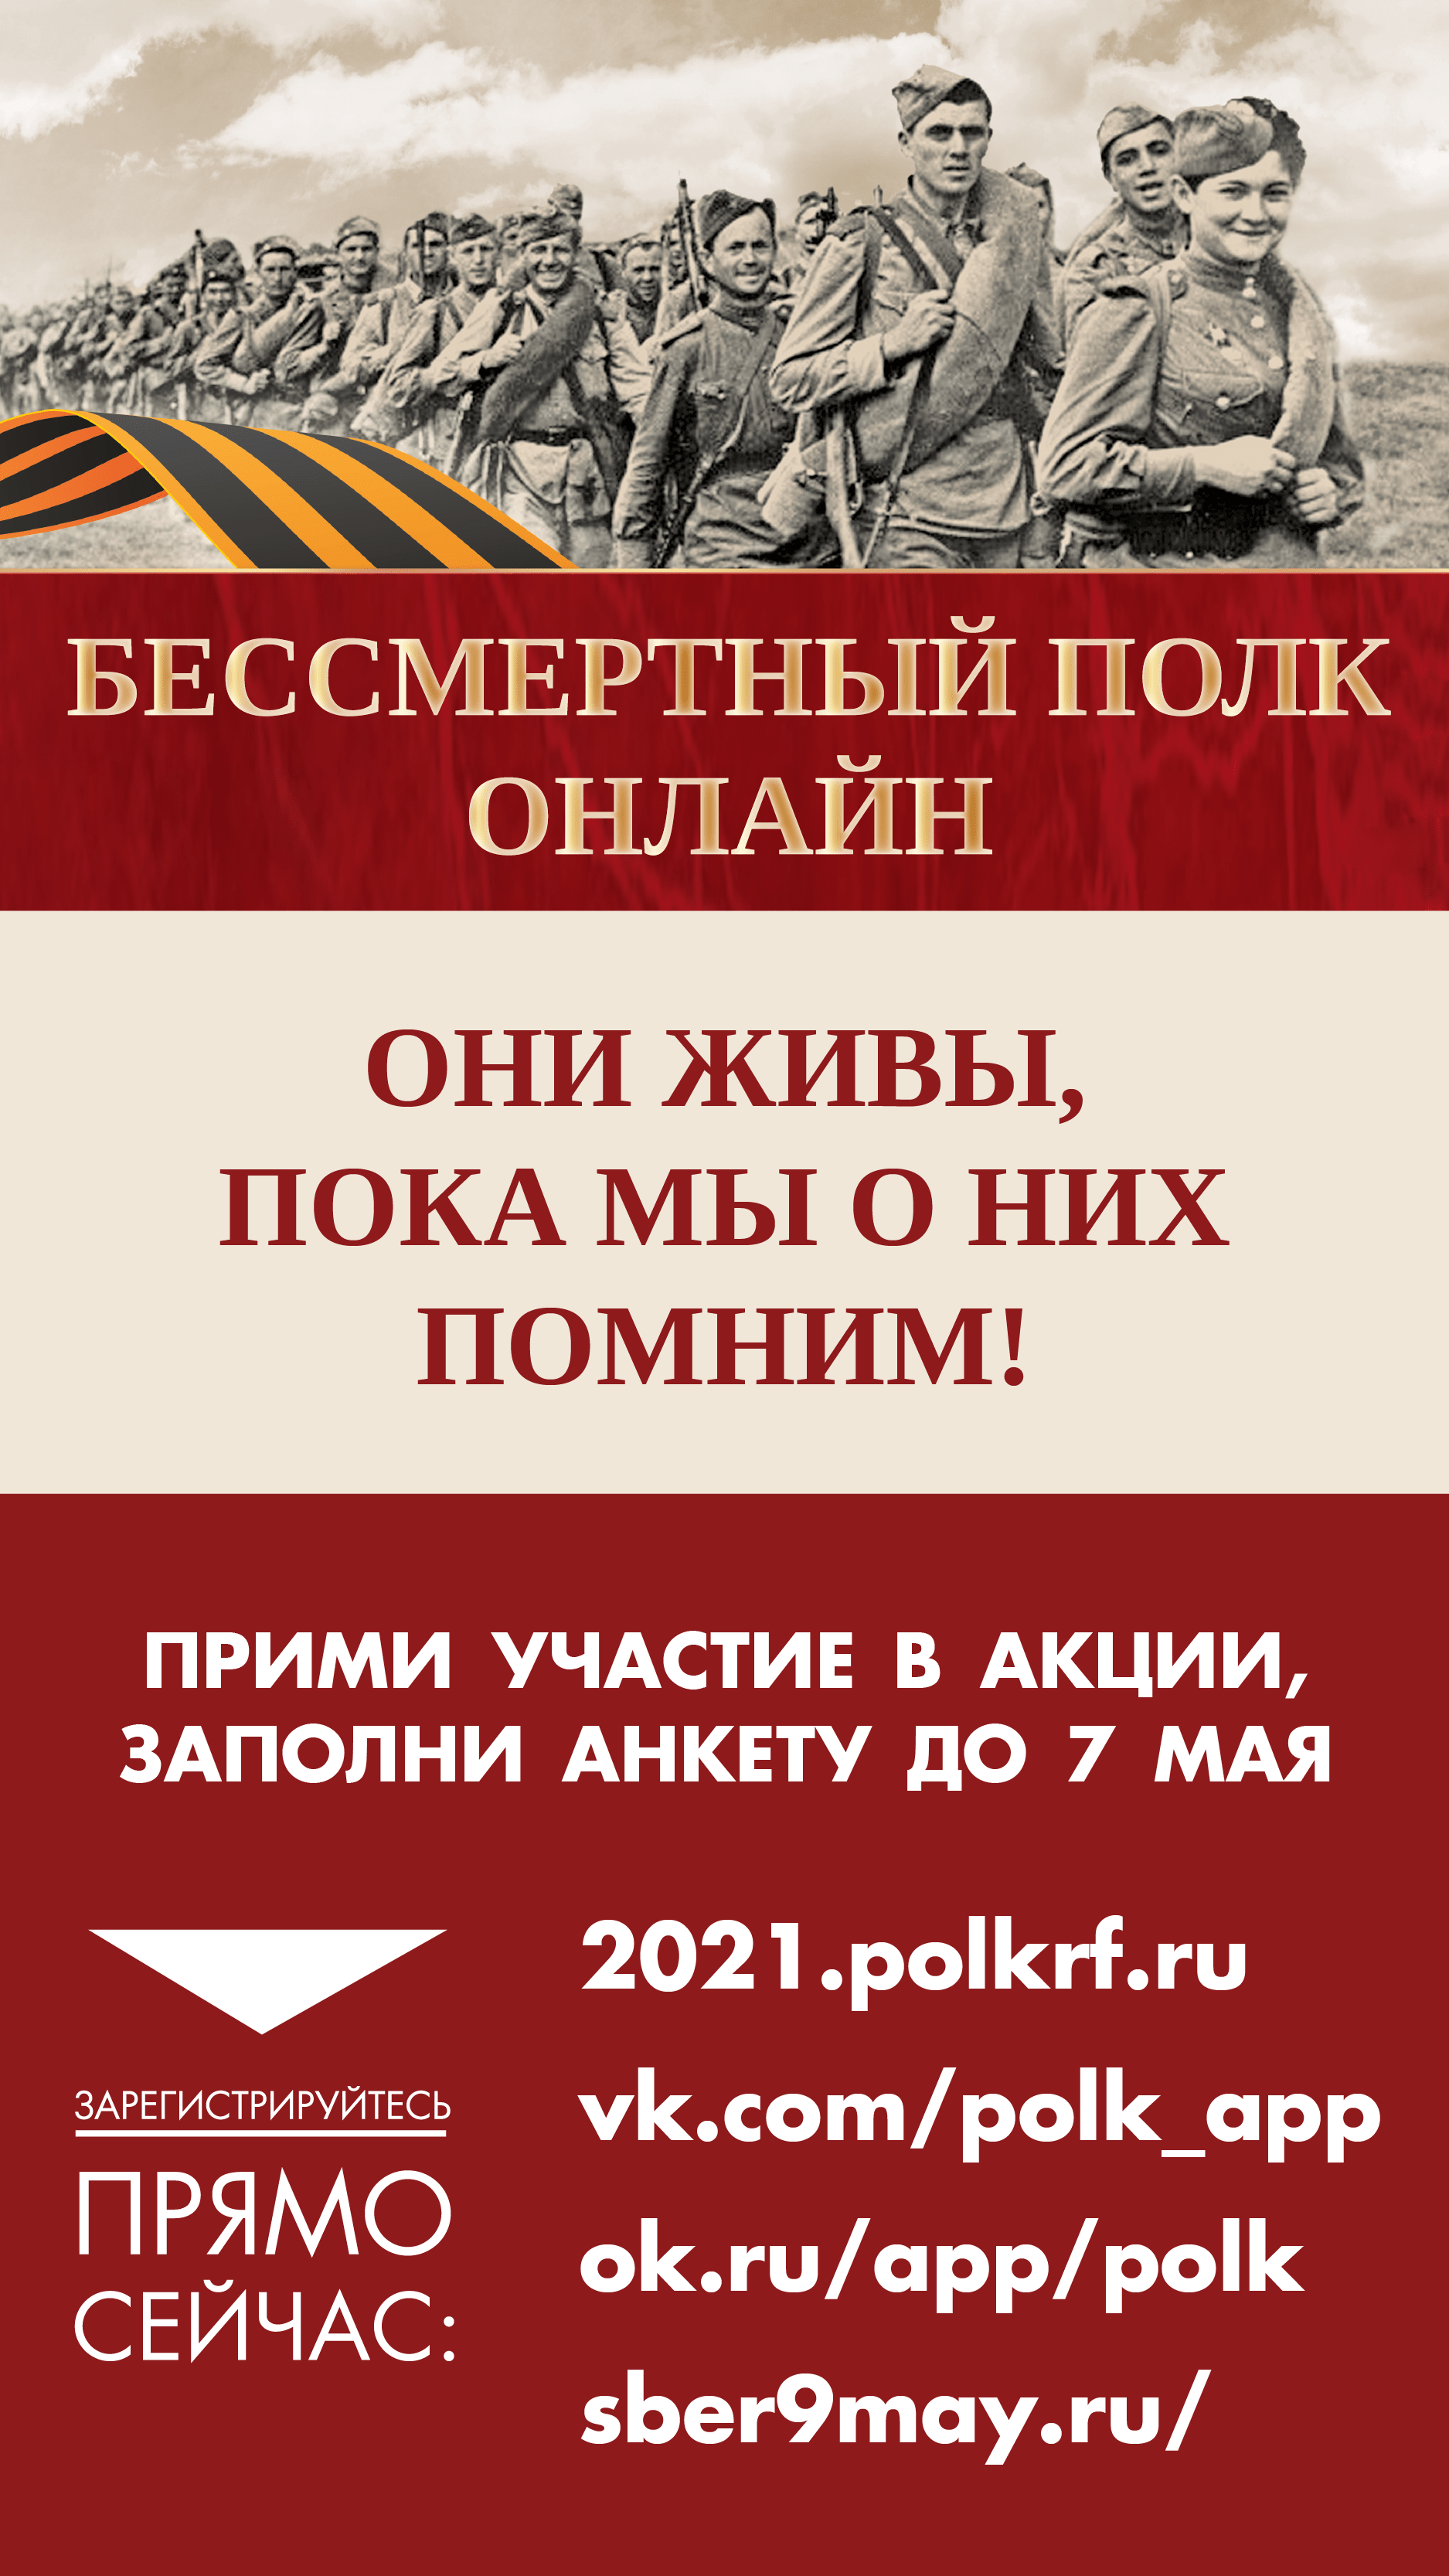 04.20_Баннер_Бессмертный_полк_вертикальный_статика-01 (3)-min